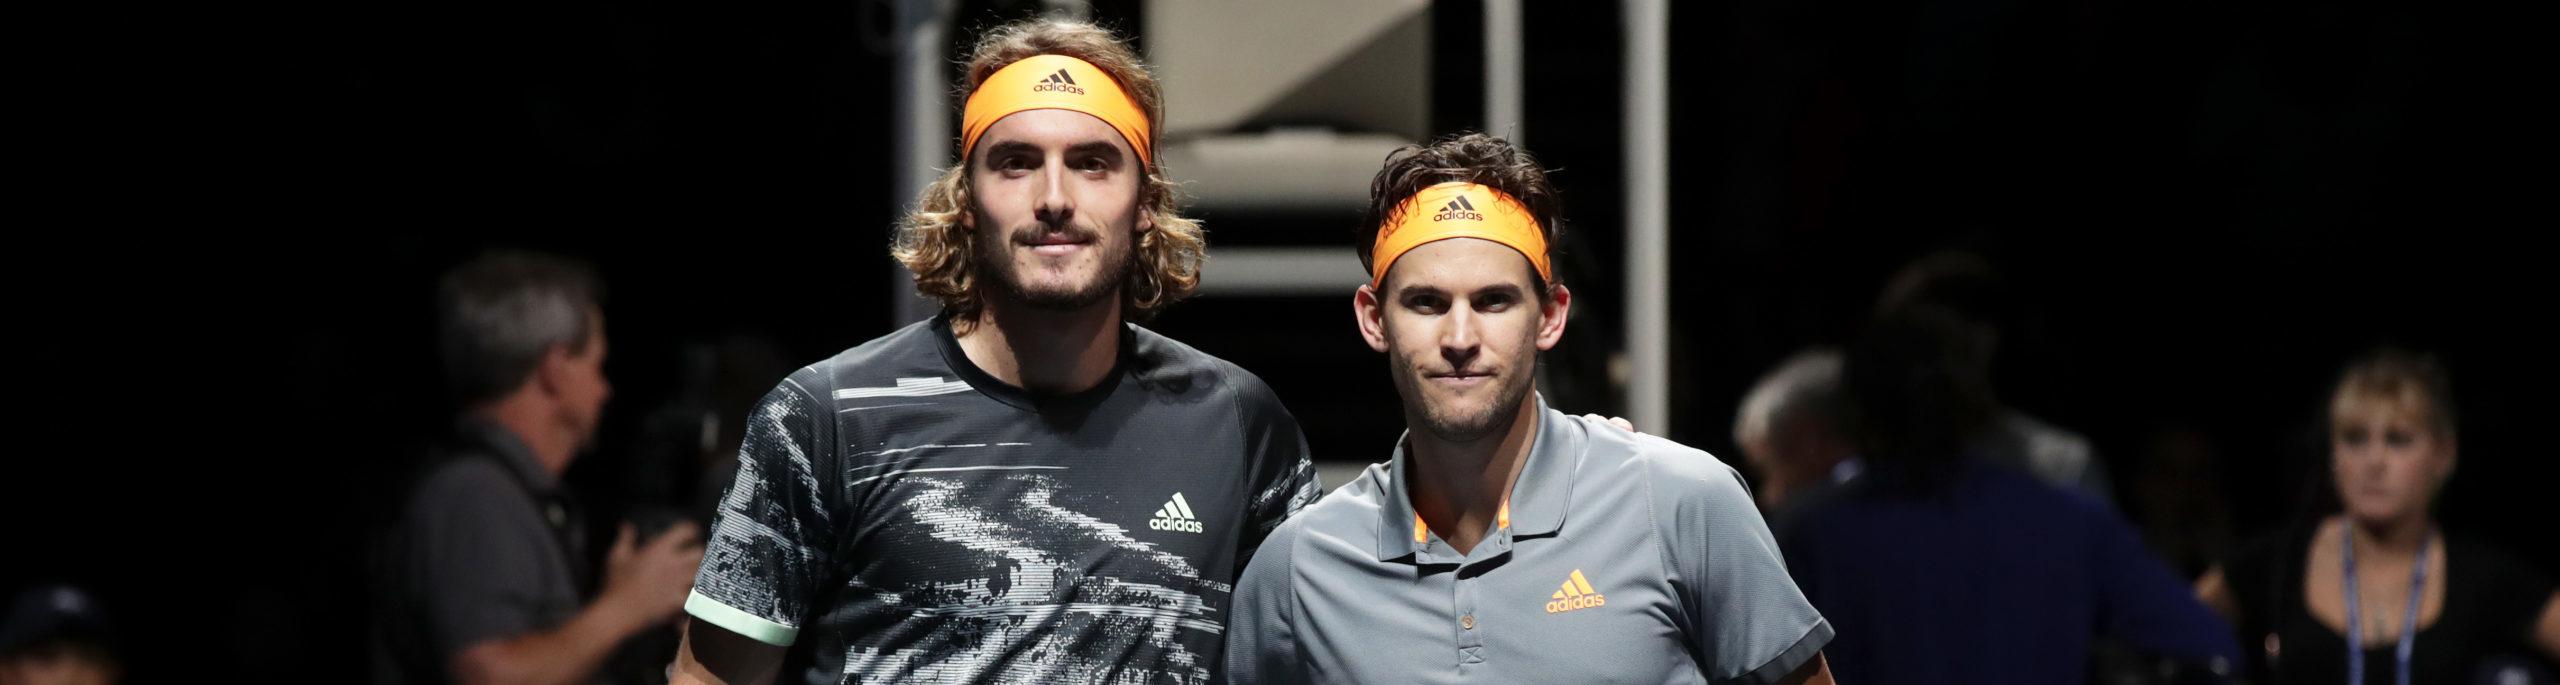 ATP Finals 2020: quote e consigli su Thiem-Tsitsipas e Nadal-Rublev